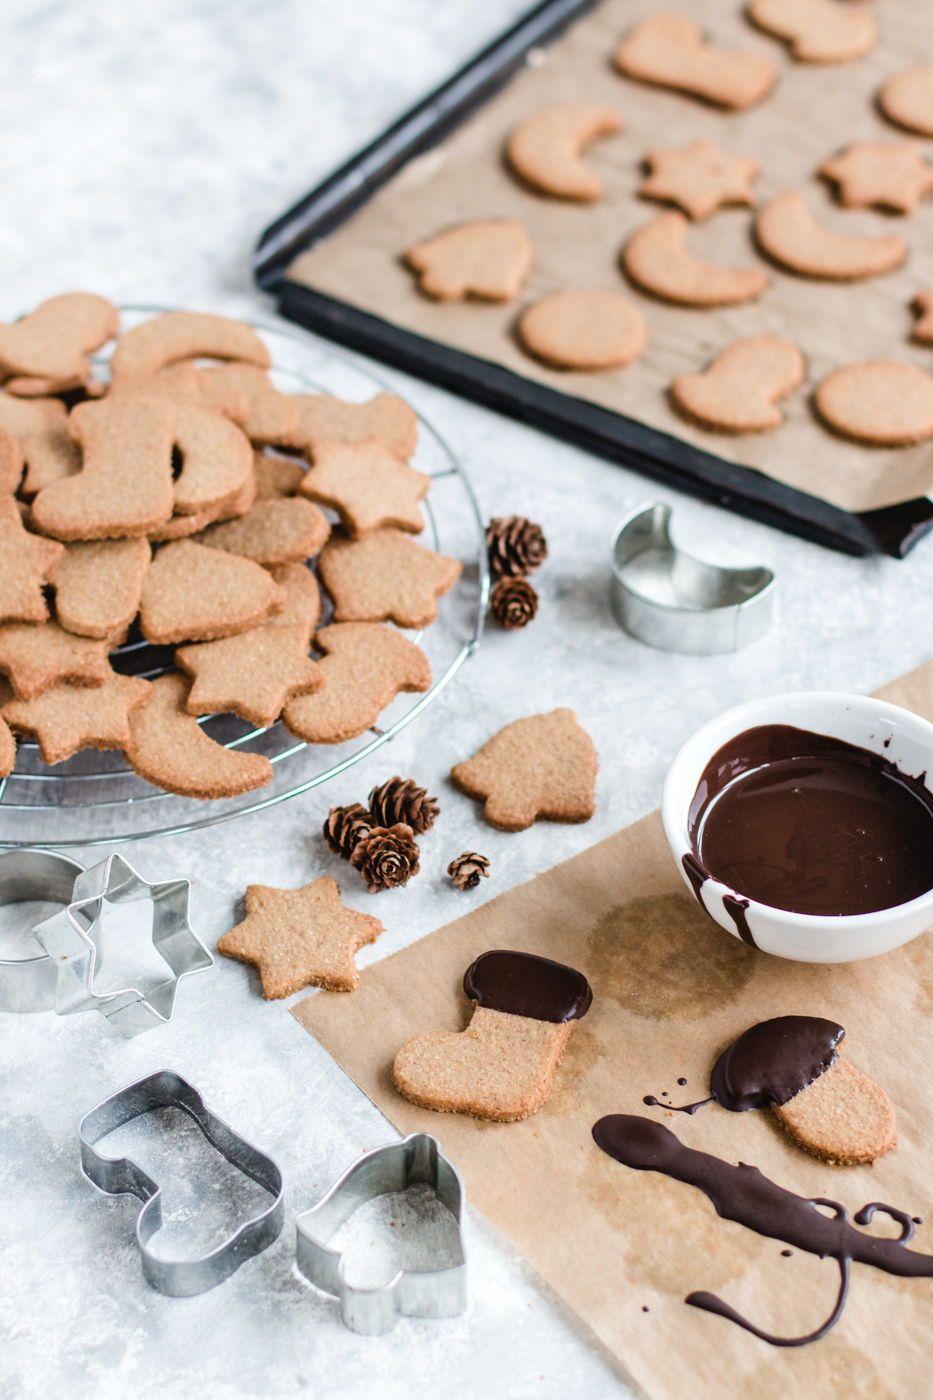 Leichte Plätzchen Rezepte Weihnachten.Knusprige Vollkornplätzchen A La Papa Dessert